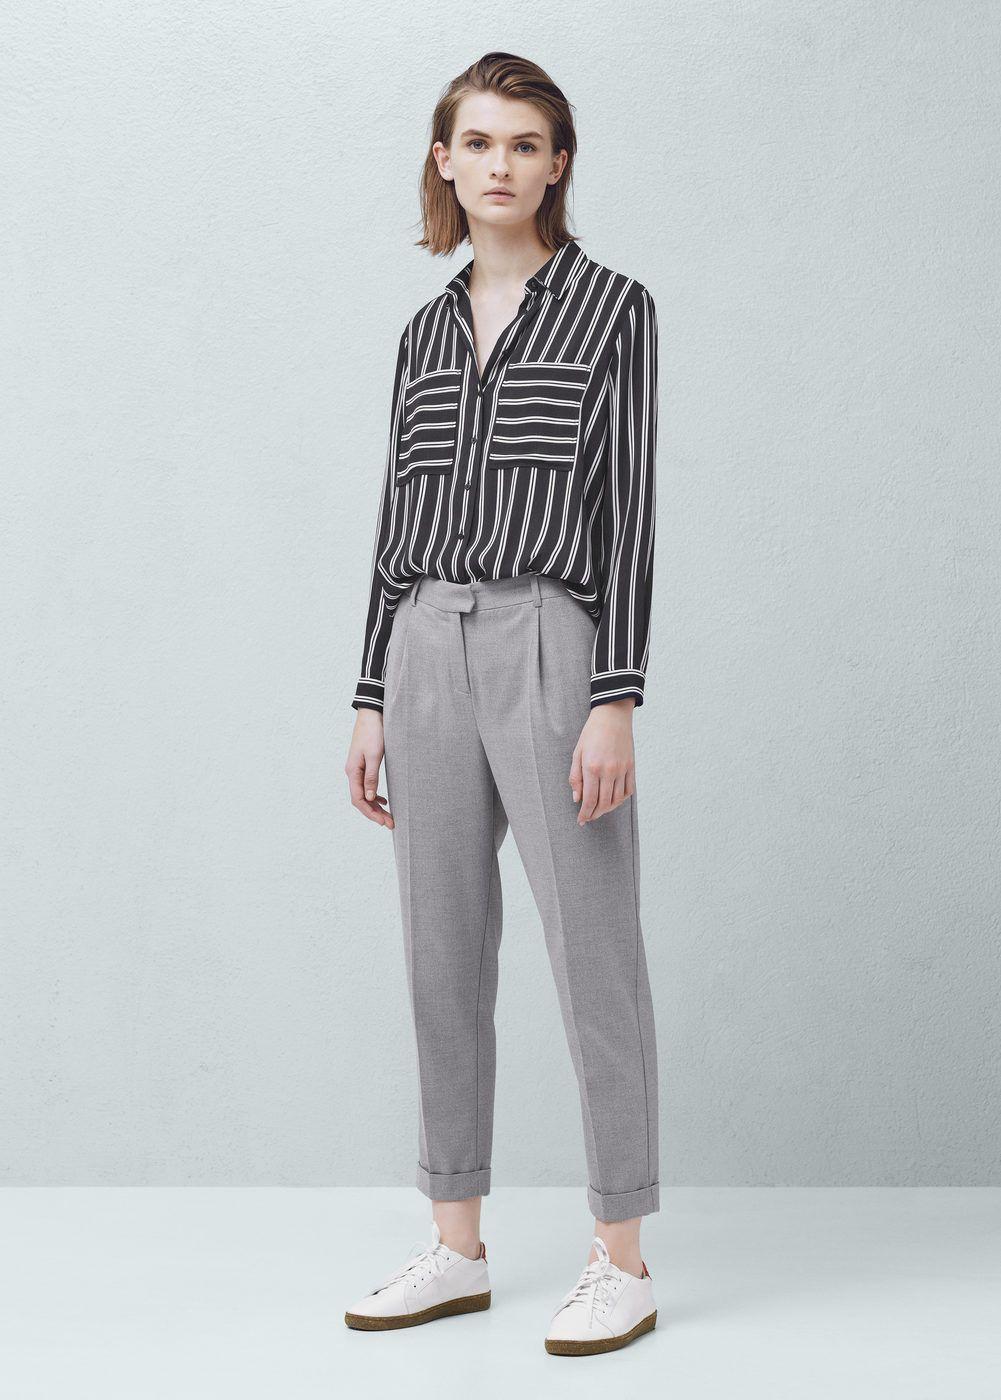 00b206c5bcdb8 Pantalón traje pinzas - Pantalones de Mujer